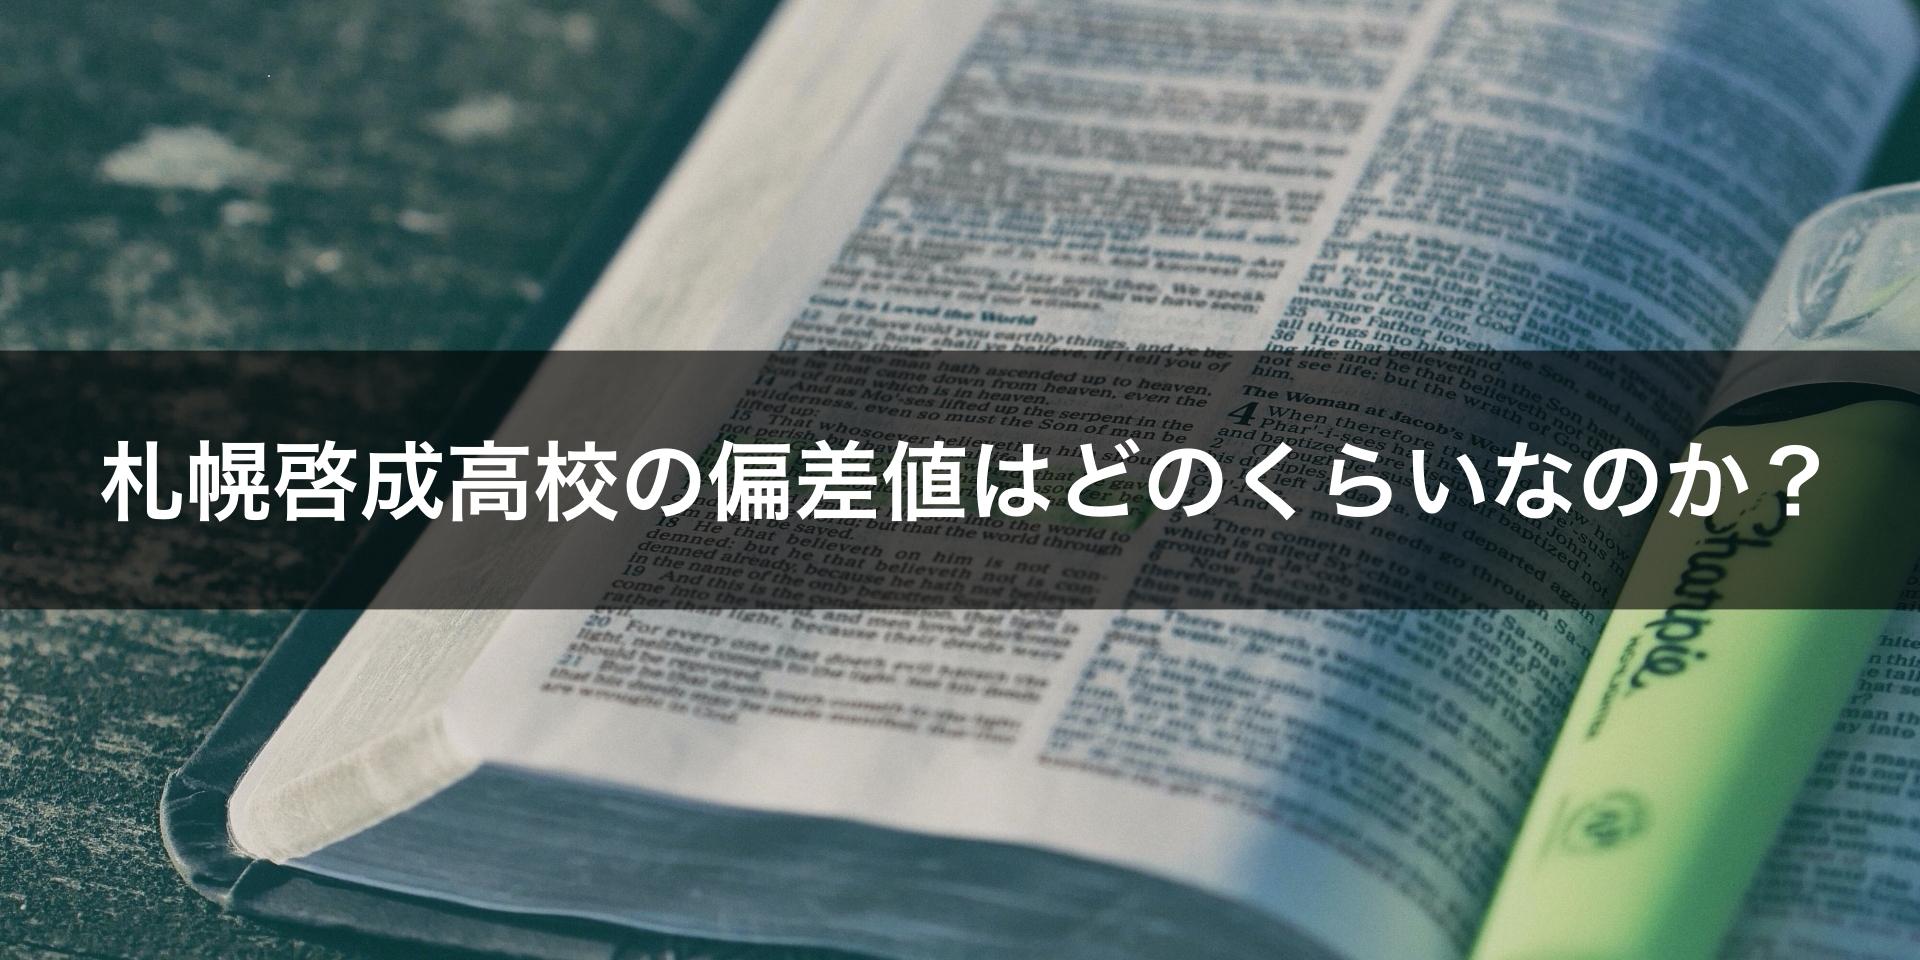 札幌啓成高校の偏差値はどのくらいなのか?